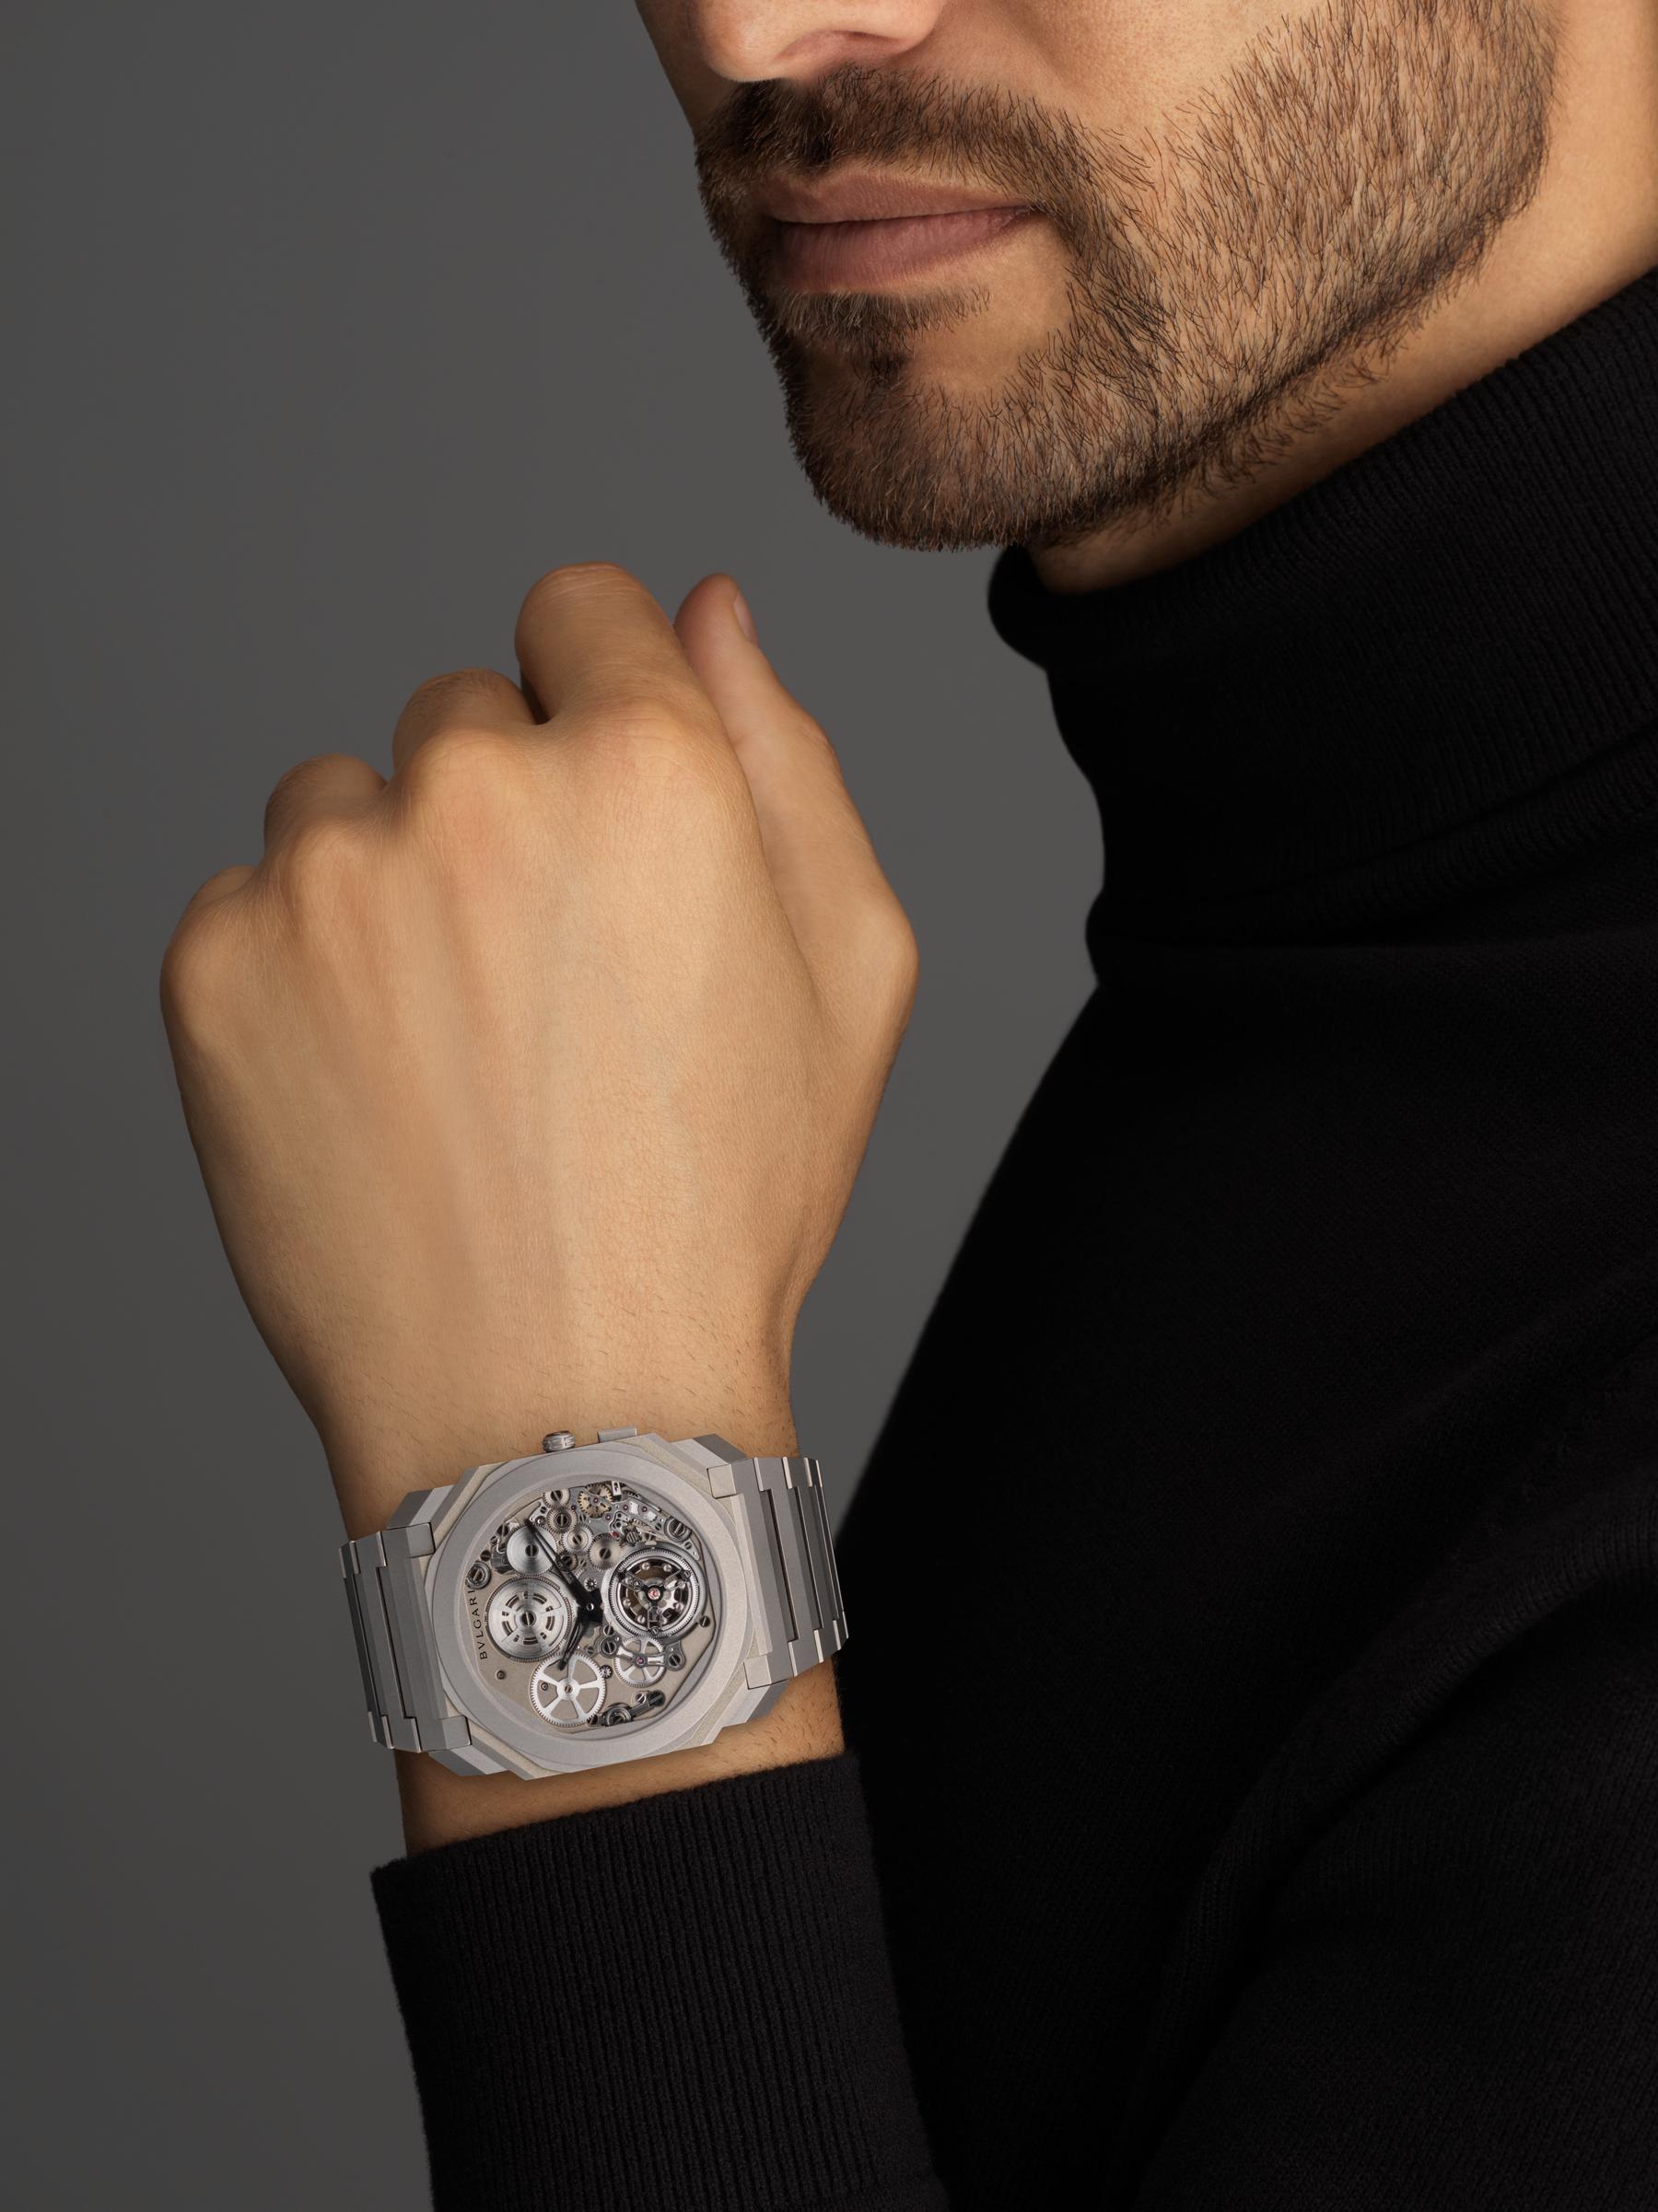 Octo Finissimo自动上链陀飞轮腕表,搭载品牌自制的机械机芯,超薄飞行陀飞轮,特制滚珠轴承系统,喷砂处理超薄钛金属表壳和表链, 喷砂处理镂空钛金属表盘 102937 image 4